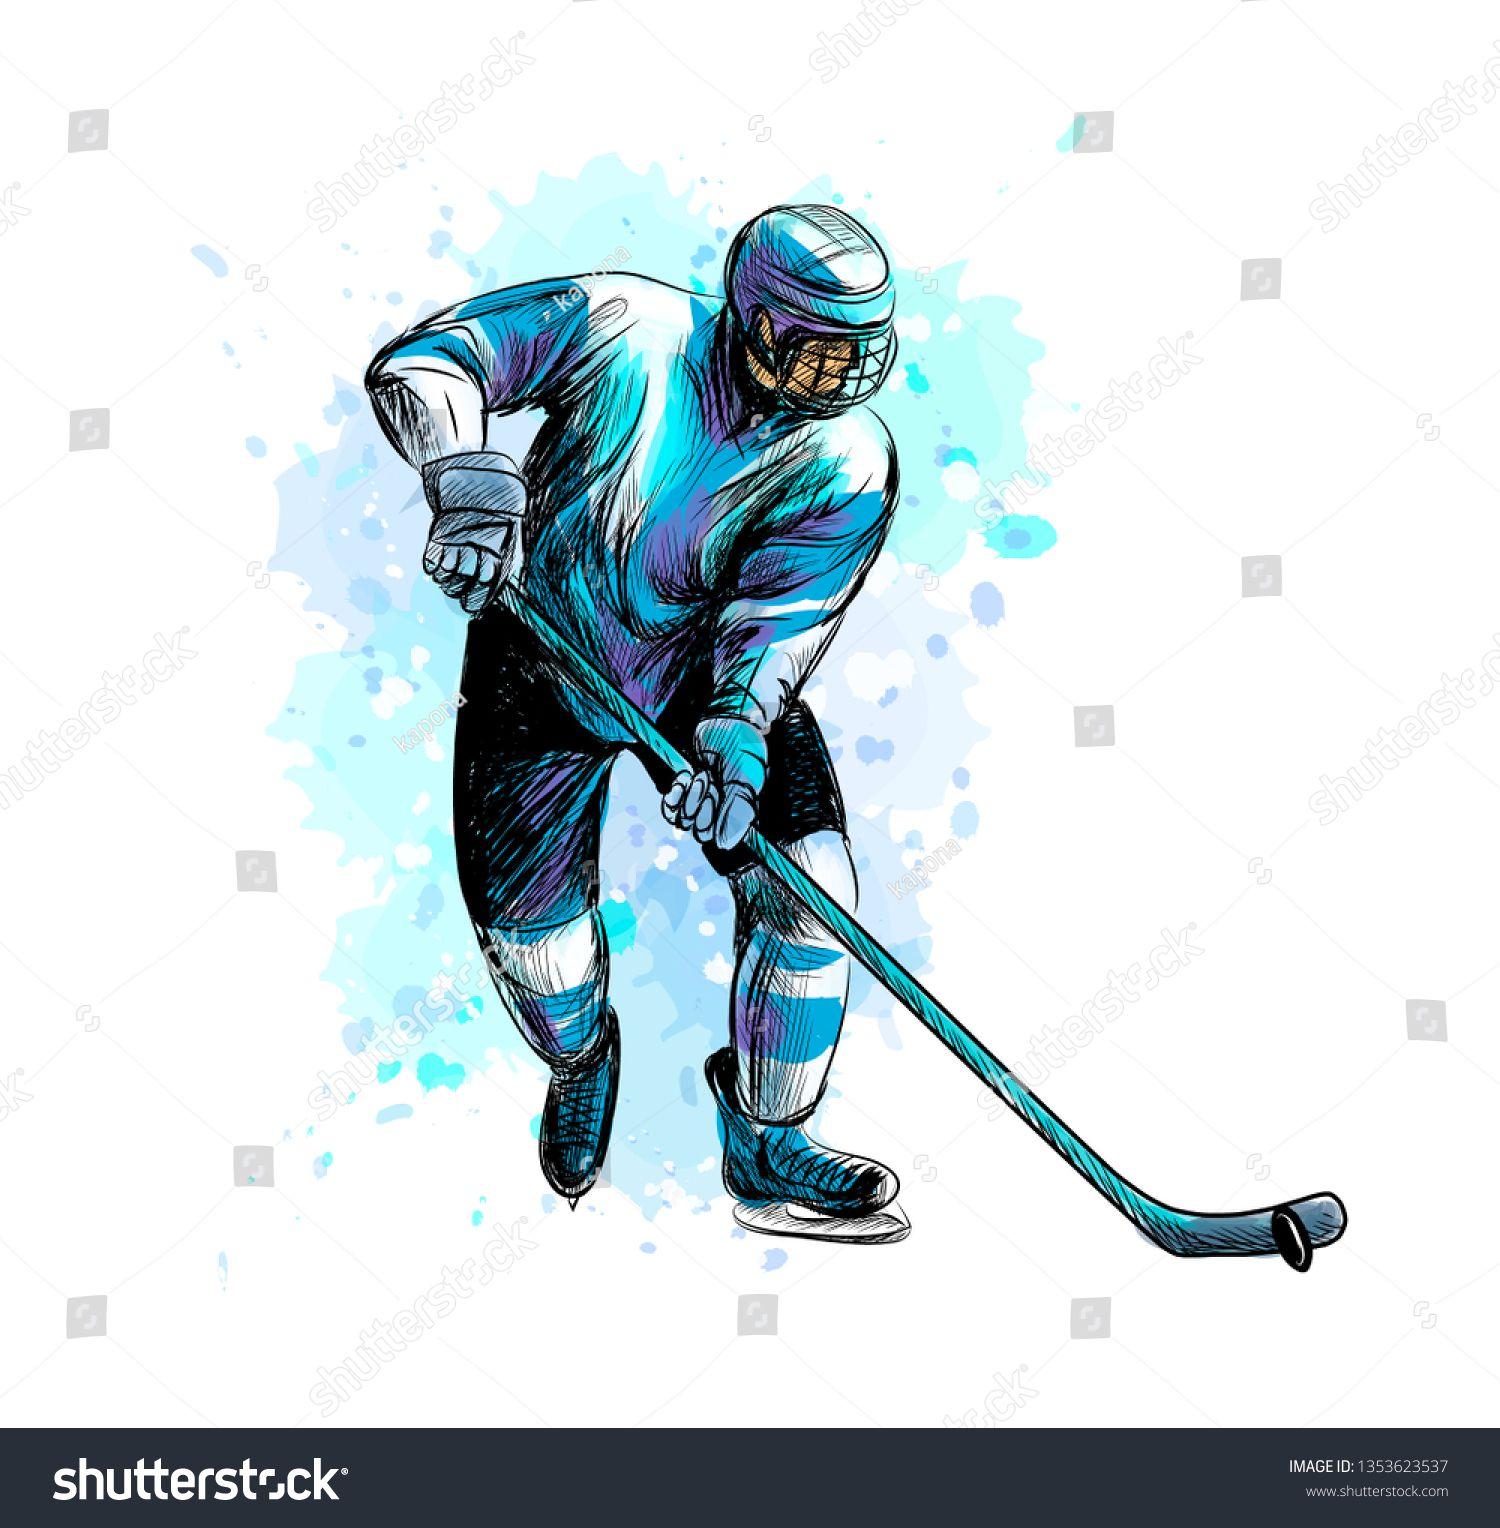 Stokovaya Vektornaya Grafika Abstract Hockey Player Splash Watercolors Hand Bez Licenzionnyh Platezhej 1353623537 In 2020 Hockey Drawing Hockey Players Hockey